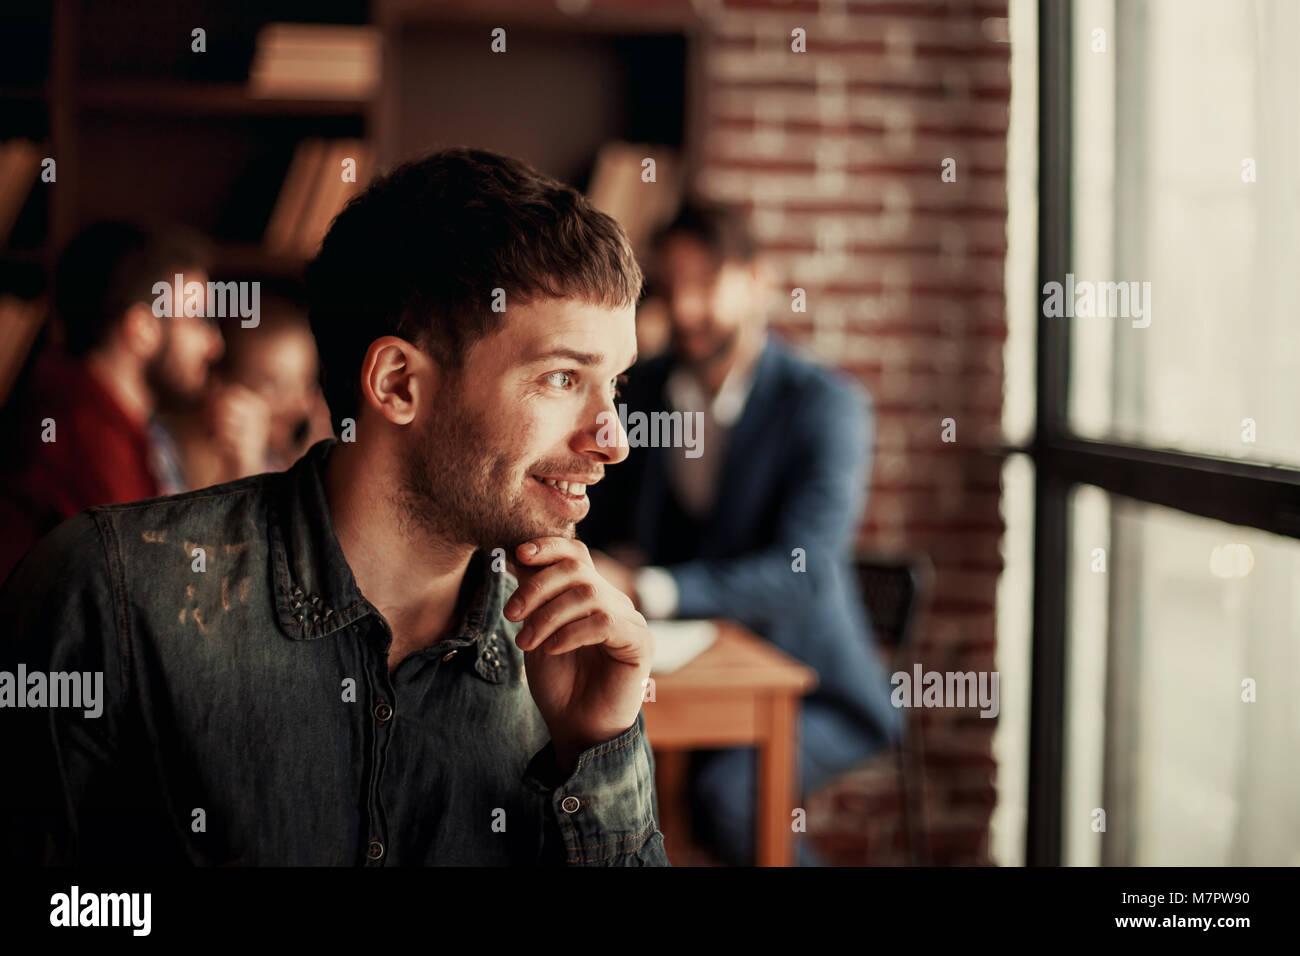 Retrato de un empleado de la empresa en el contexto de equipo empresarial Imagen De Stock